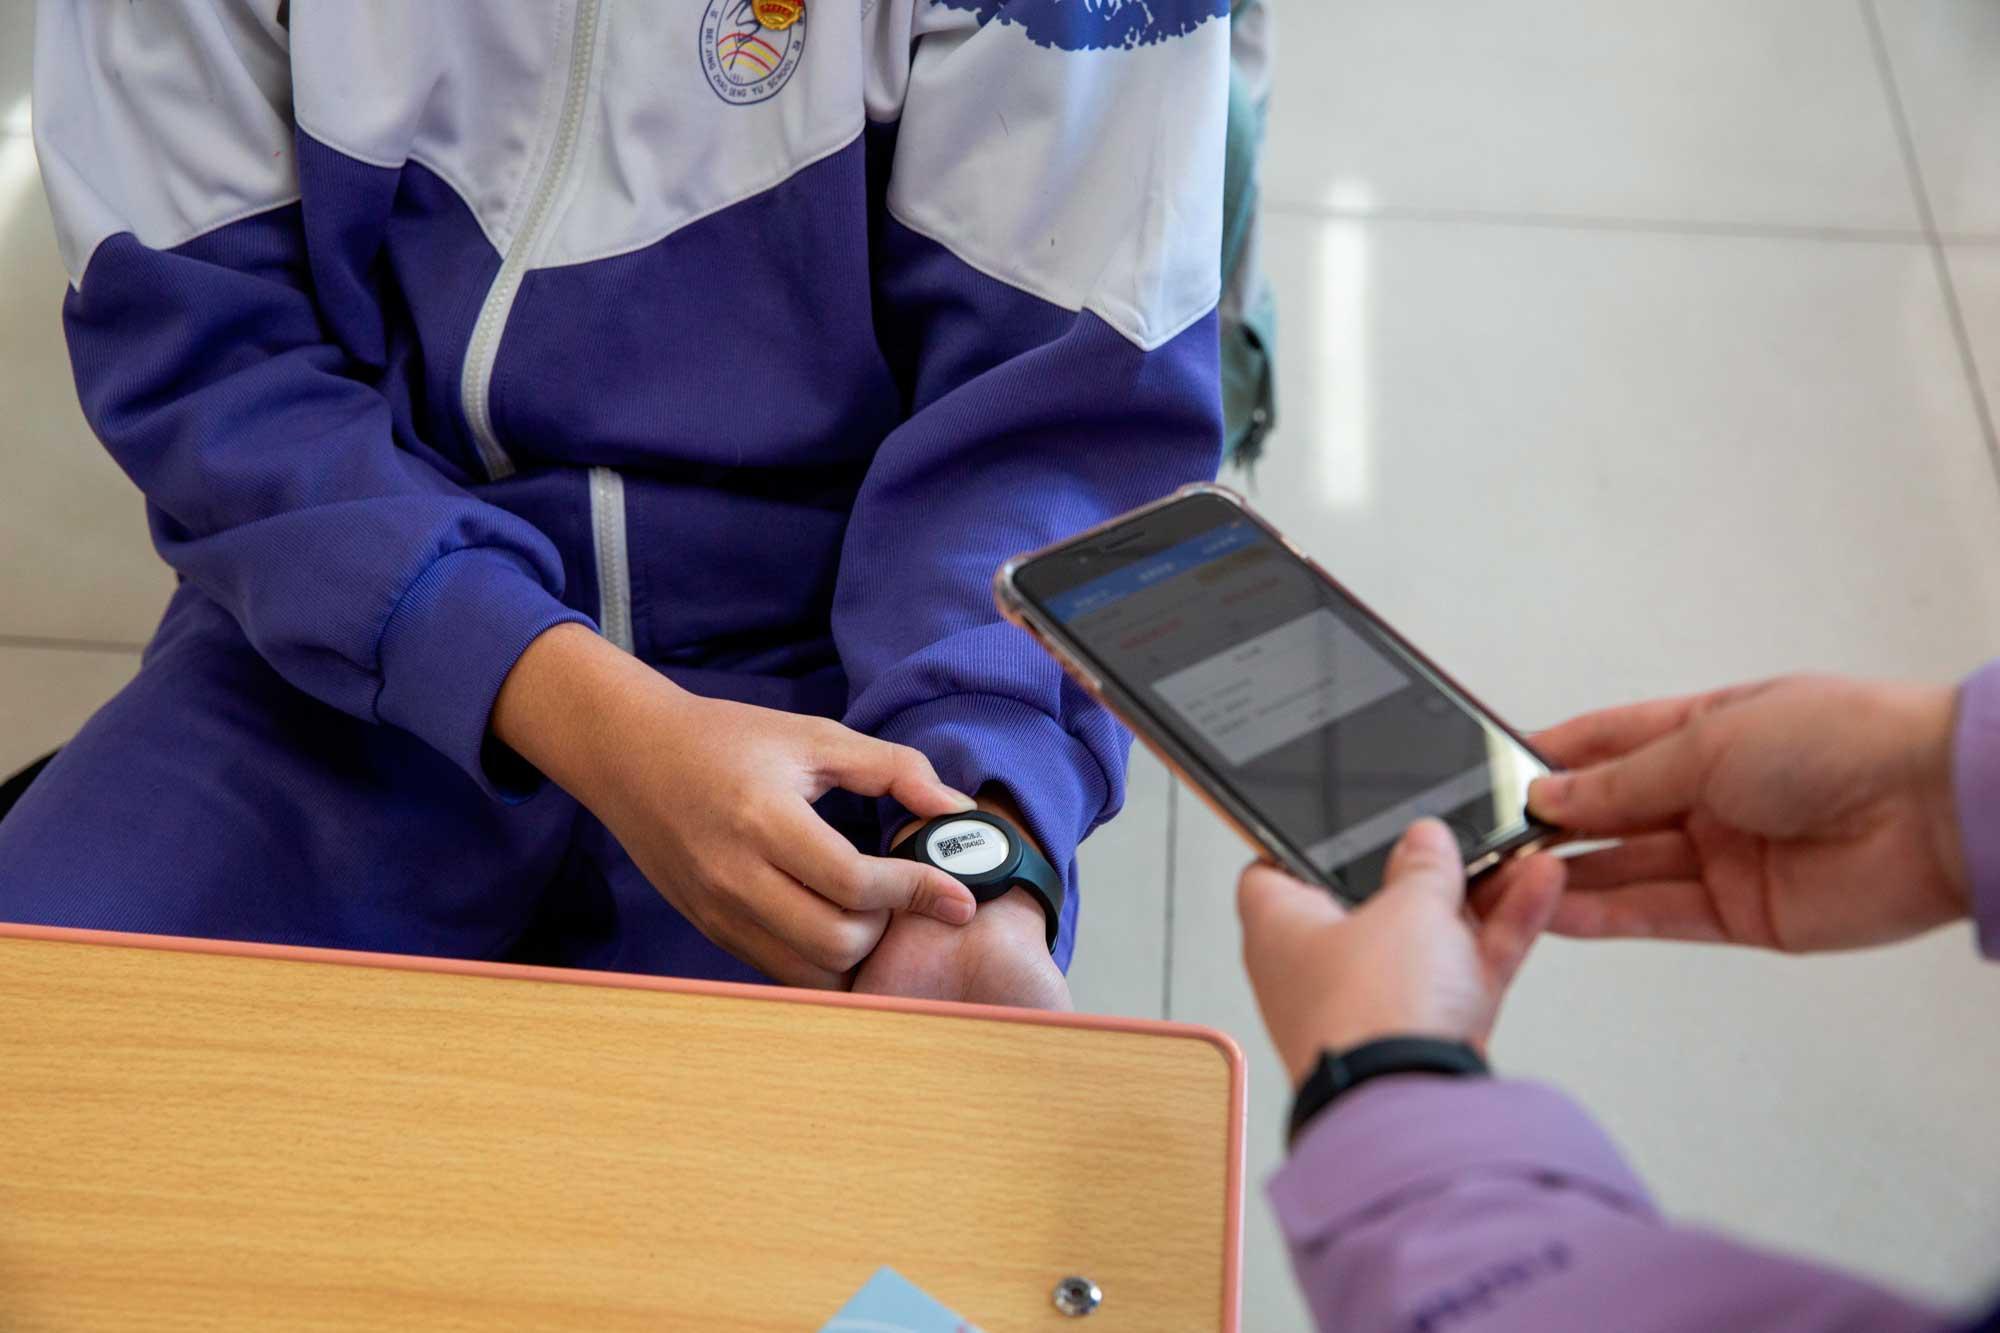 今起北京五个区初高三师生将佩戴智能体温计实时测温图片